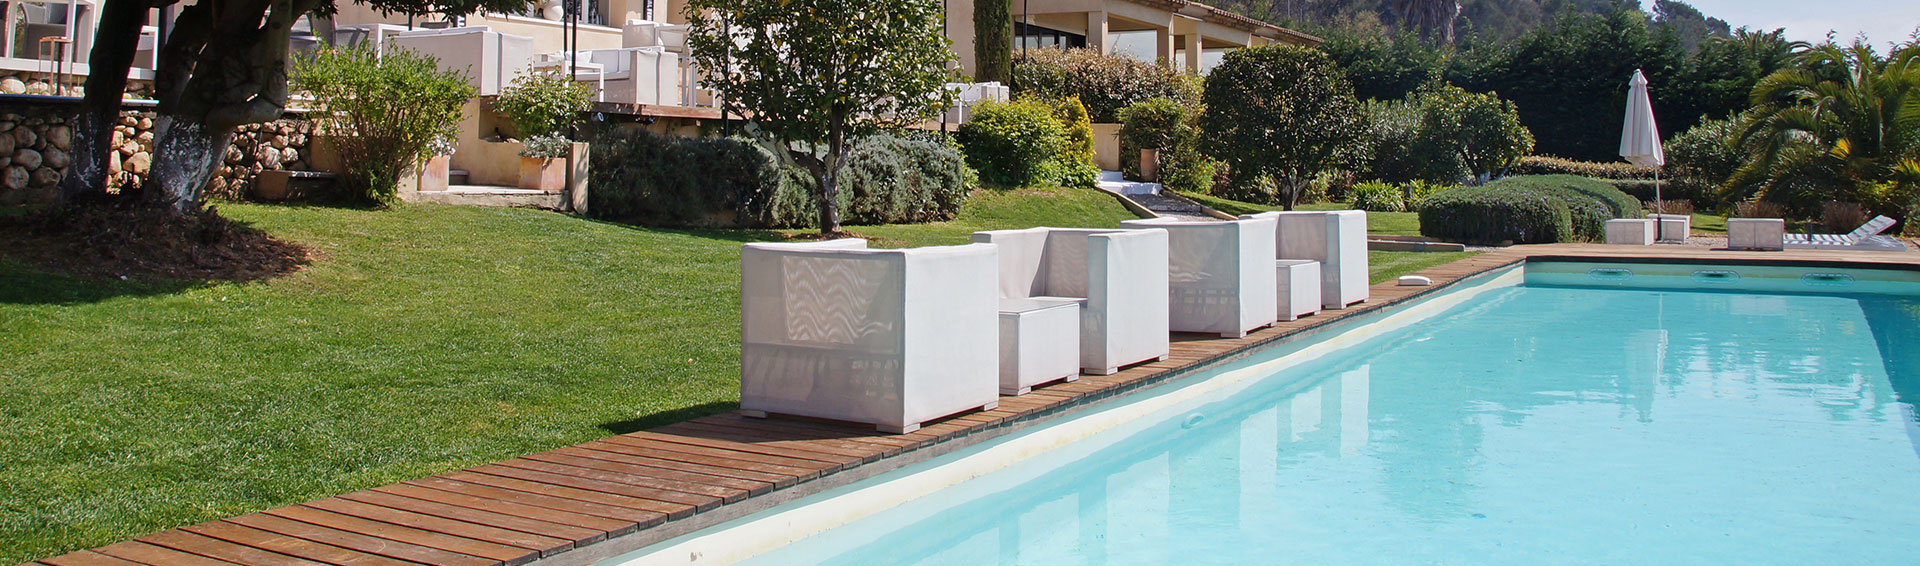 pisciniste des alpilles construction piscine le m tier du pisciniste. Black Bedroom Furniture Sets. Home Design Ideas